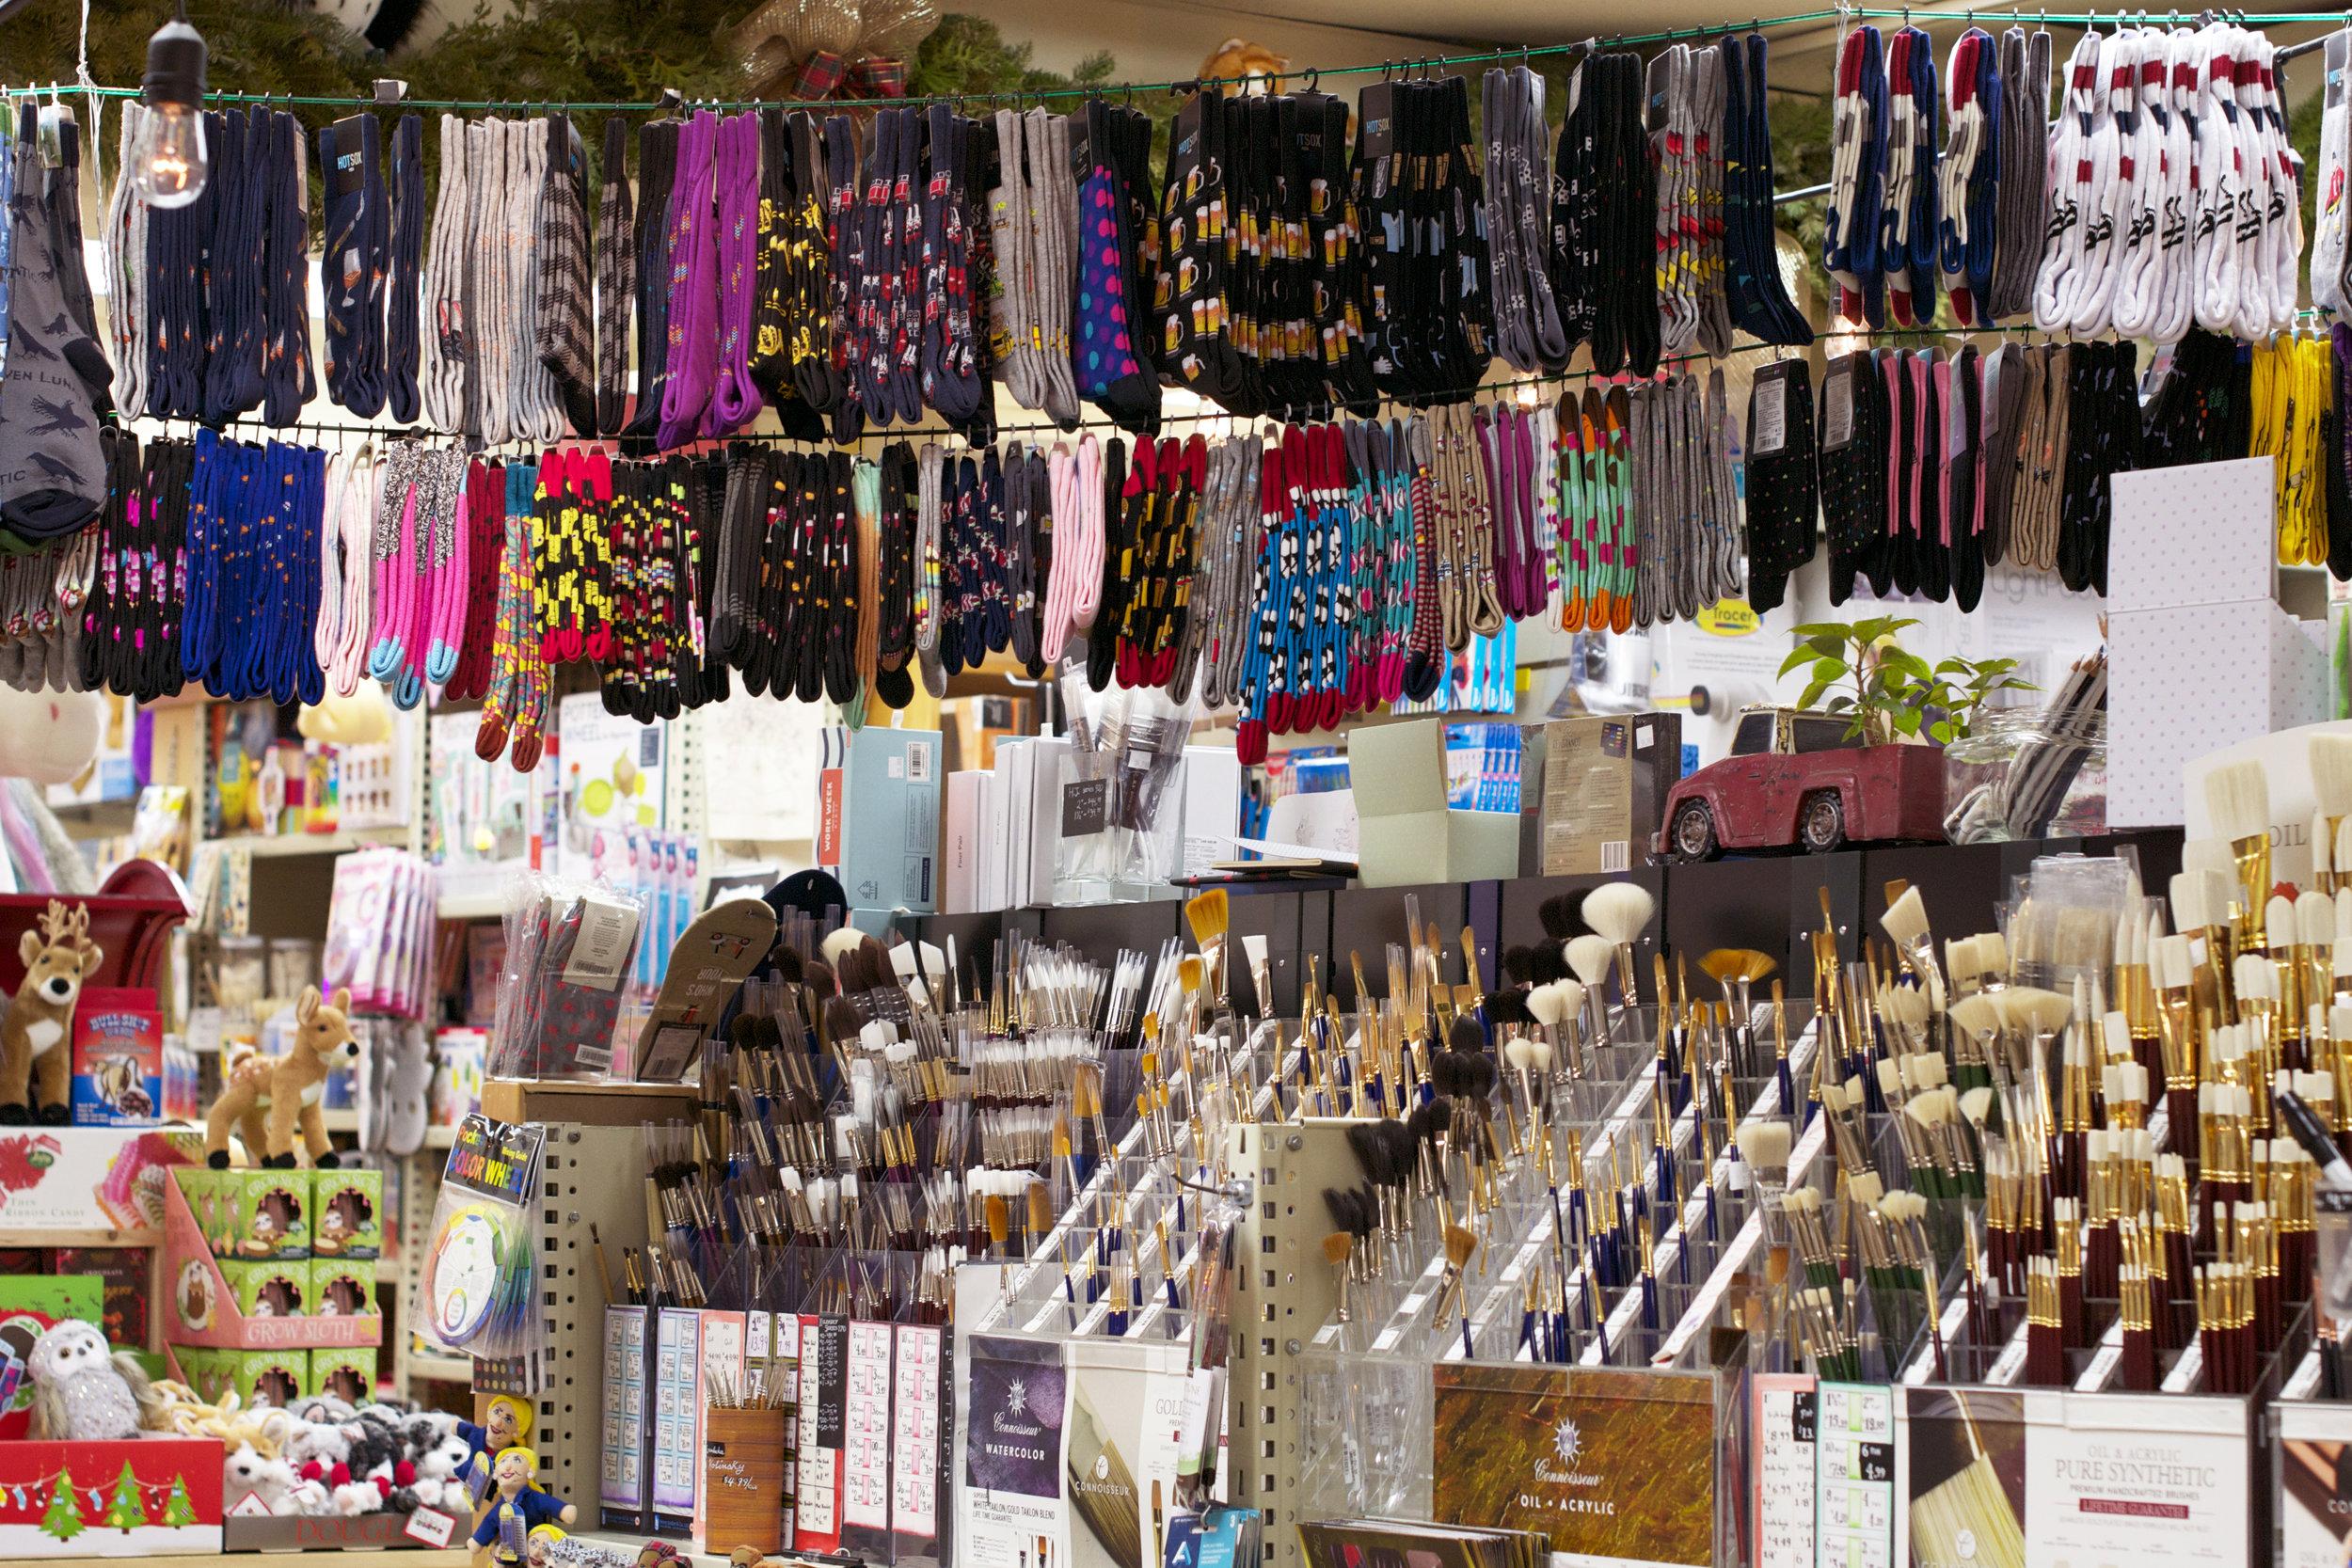 socks-and-paint-brushes.jpg